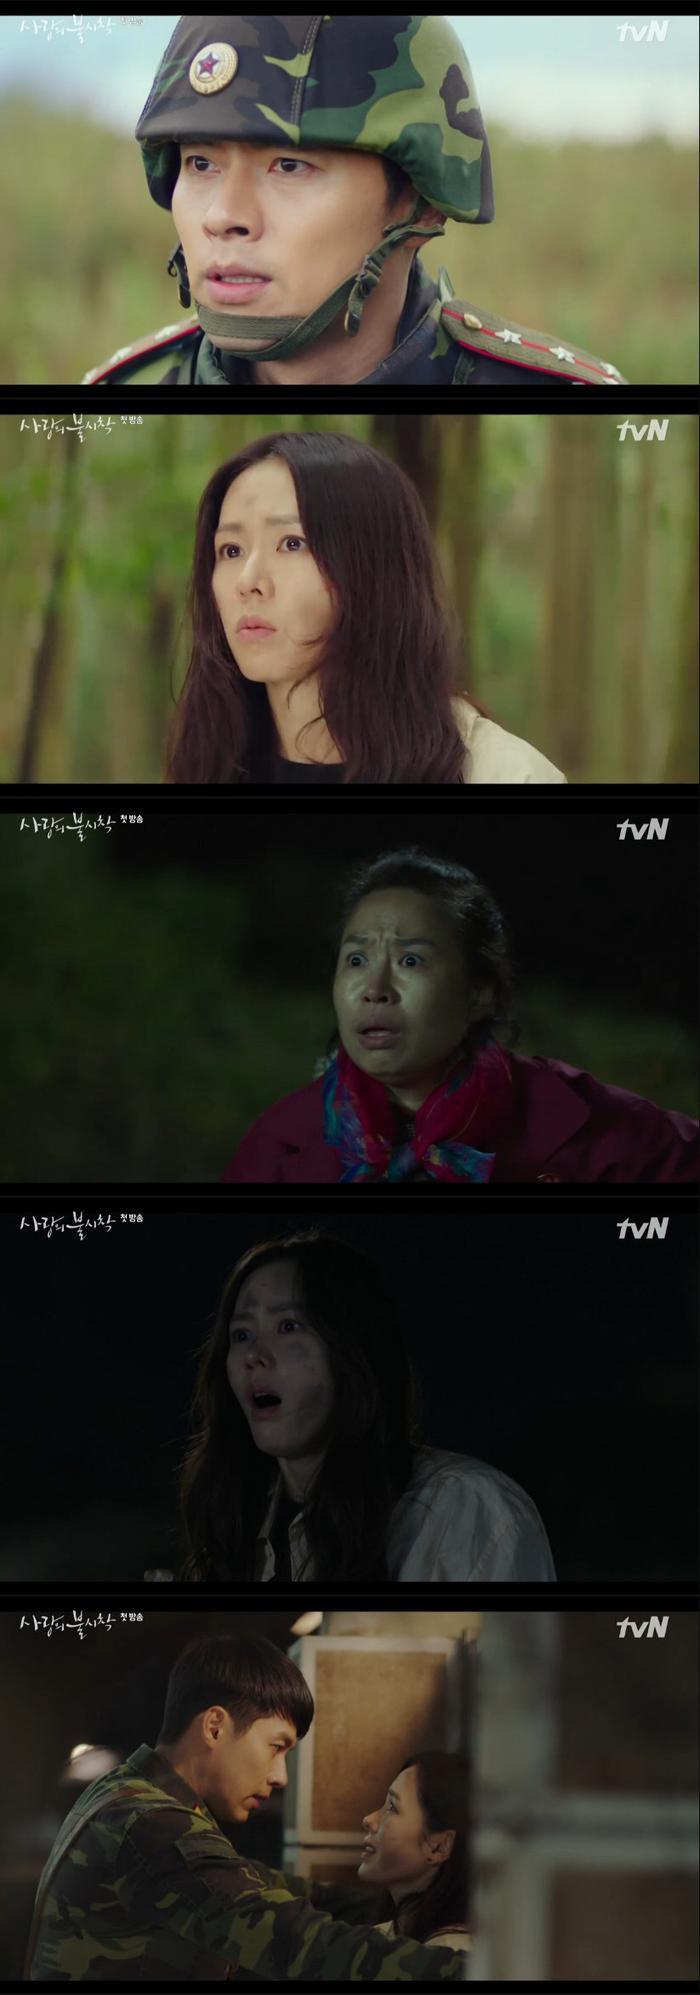 Hạ cánh nơi anh tập 1: Knet chỉ trích nhân vật của Hyun Bin, chê bai thậm tệ diễn xuất của Son Ye Jin ảnh 4